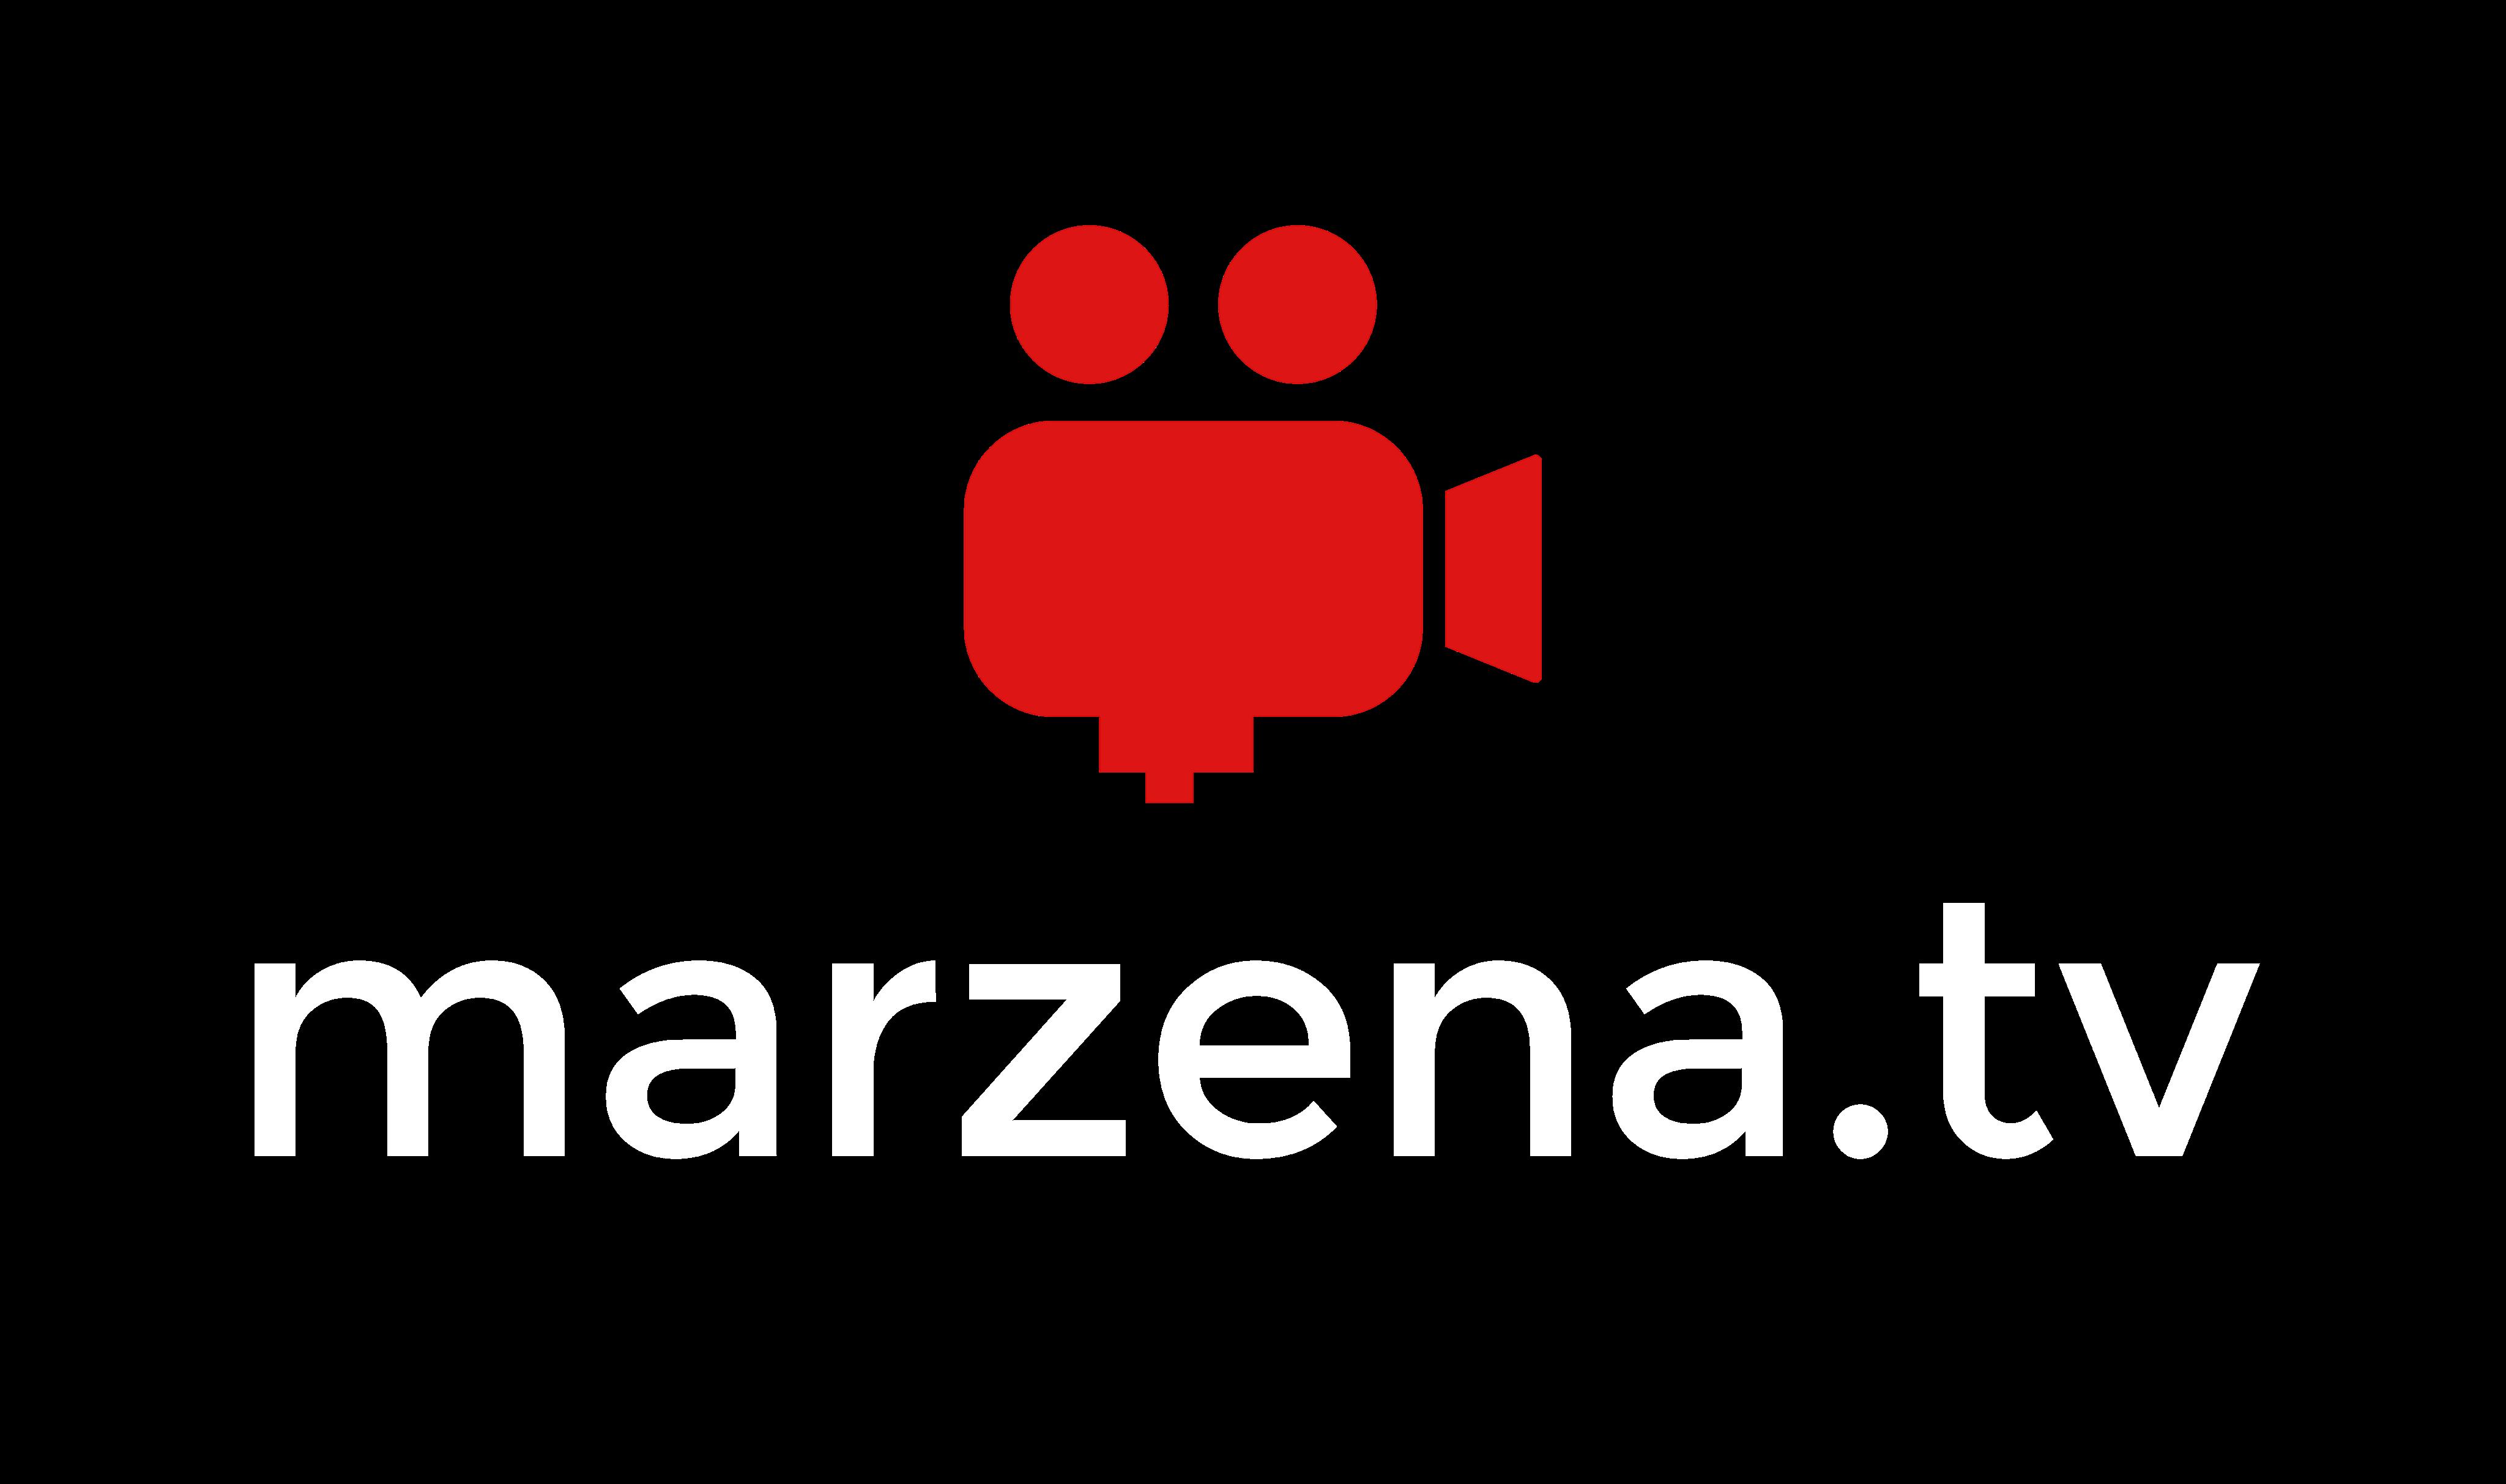 Marzena Walicka